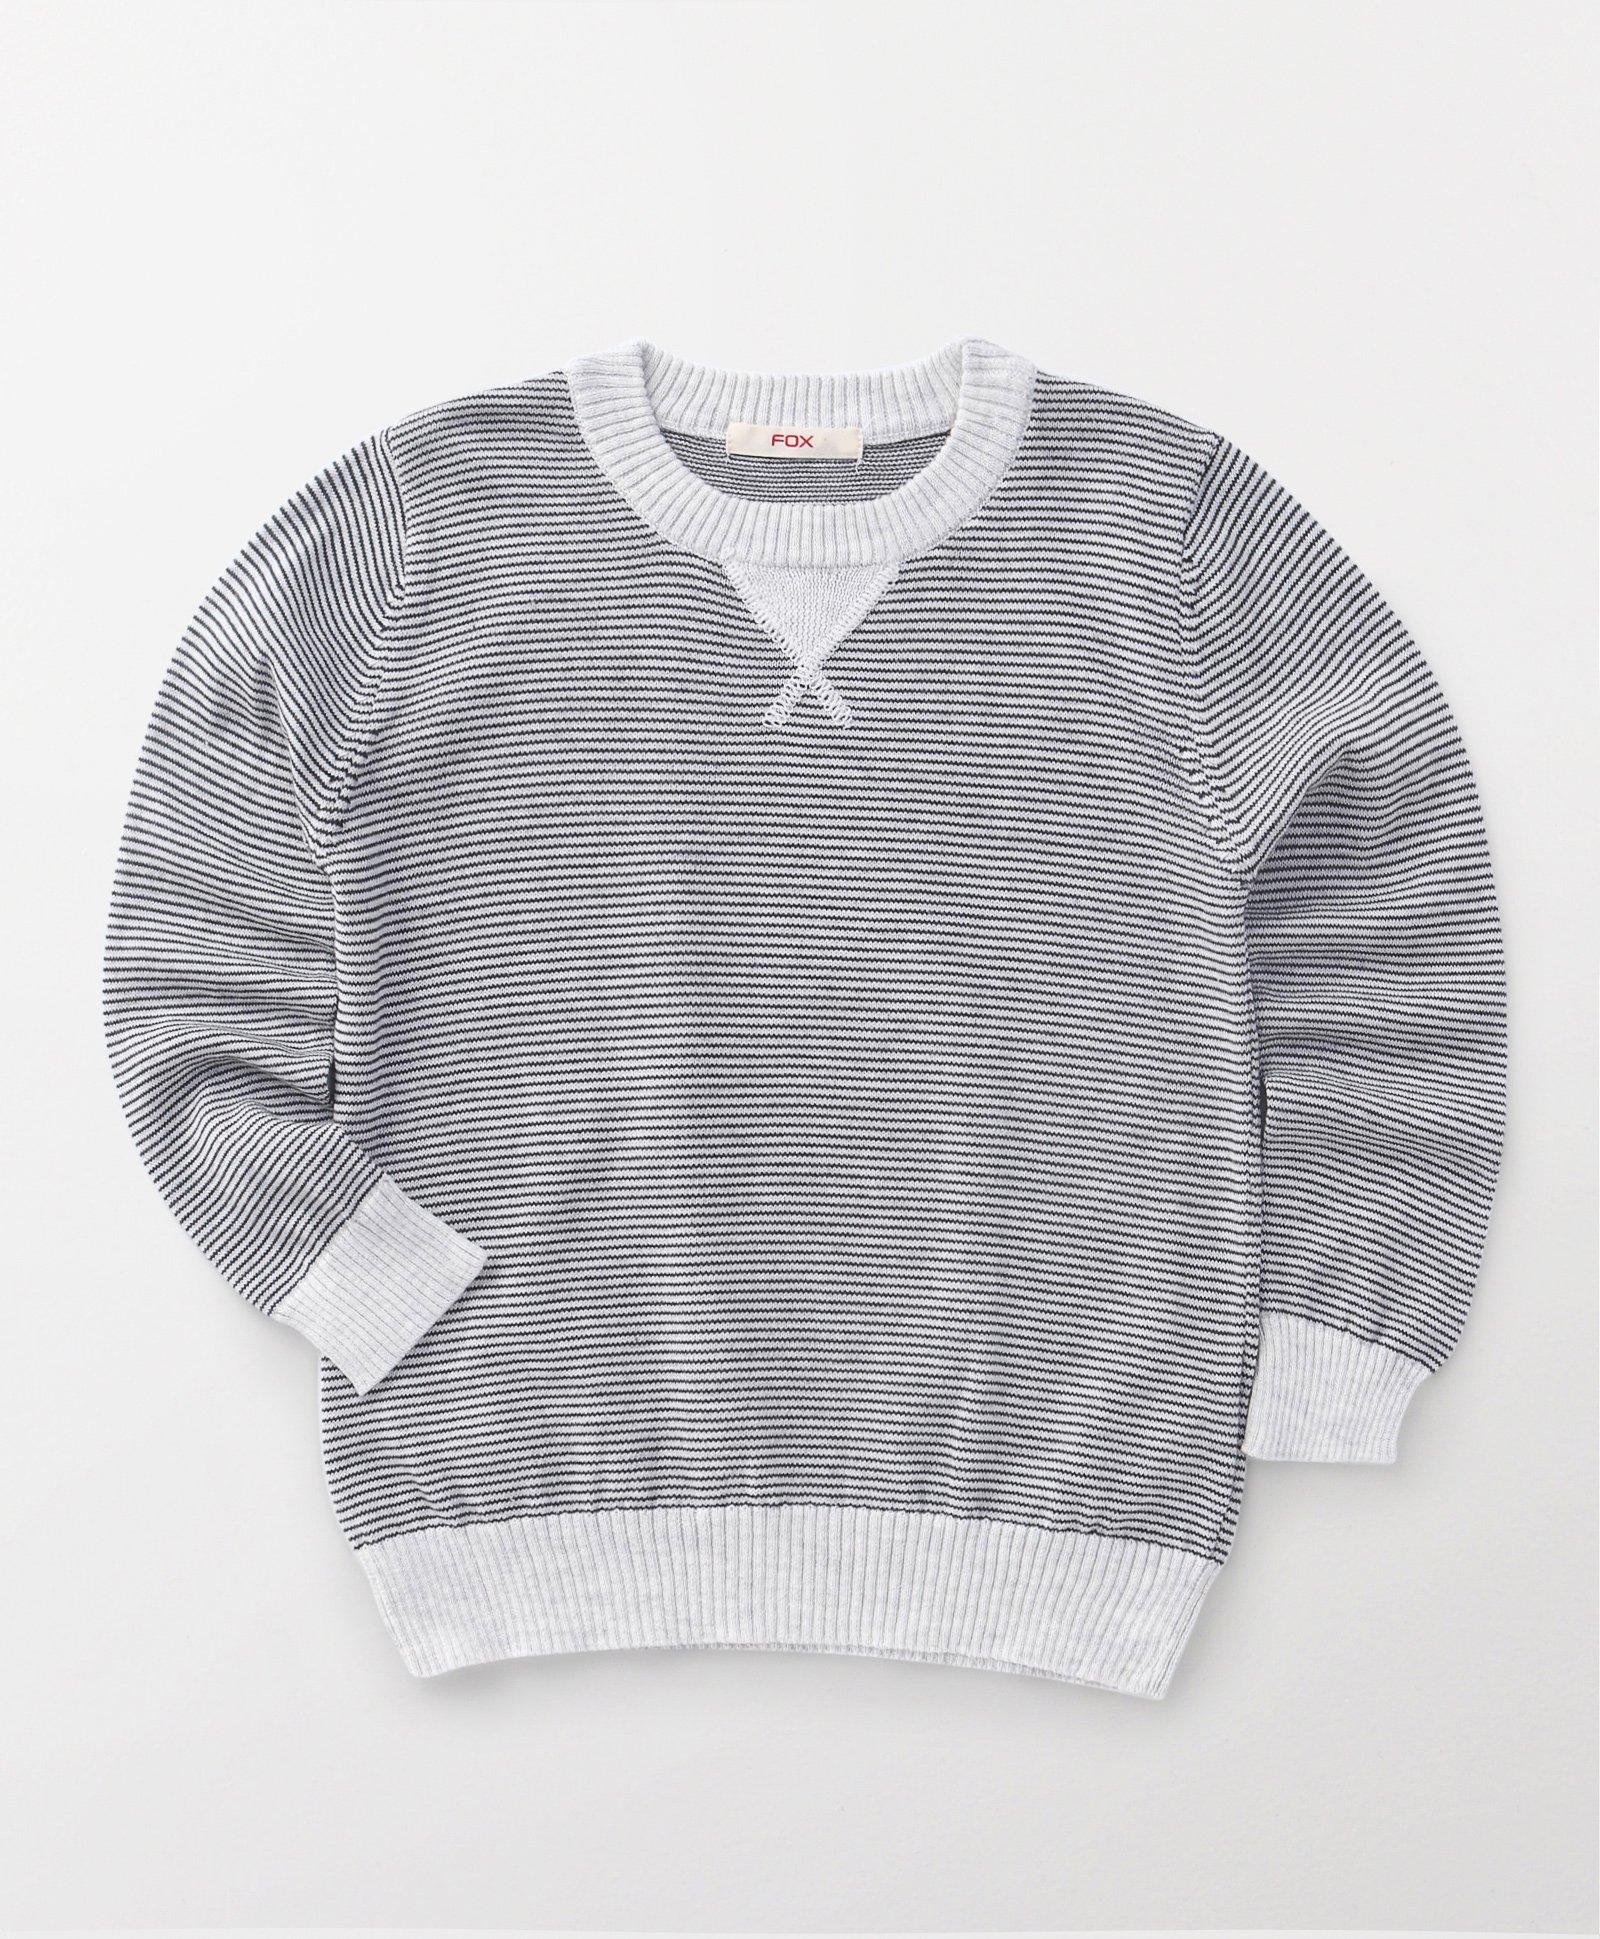 Fox Baby Full Sleeves Sweatshirts - Grey